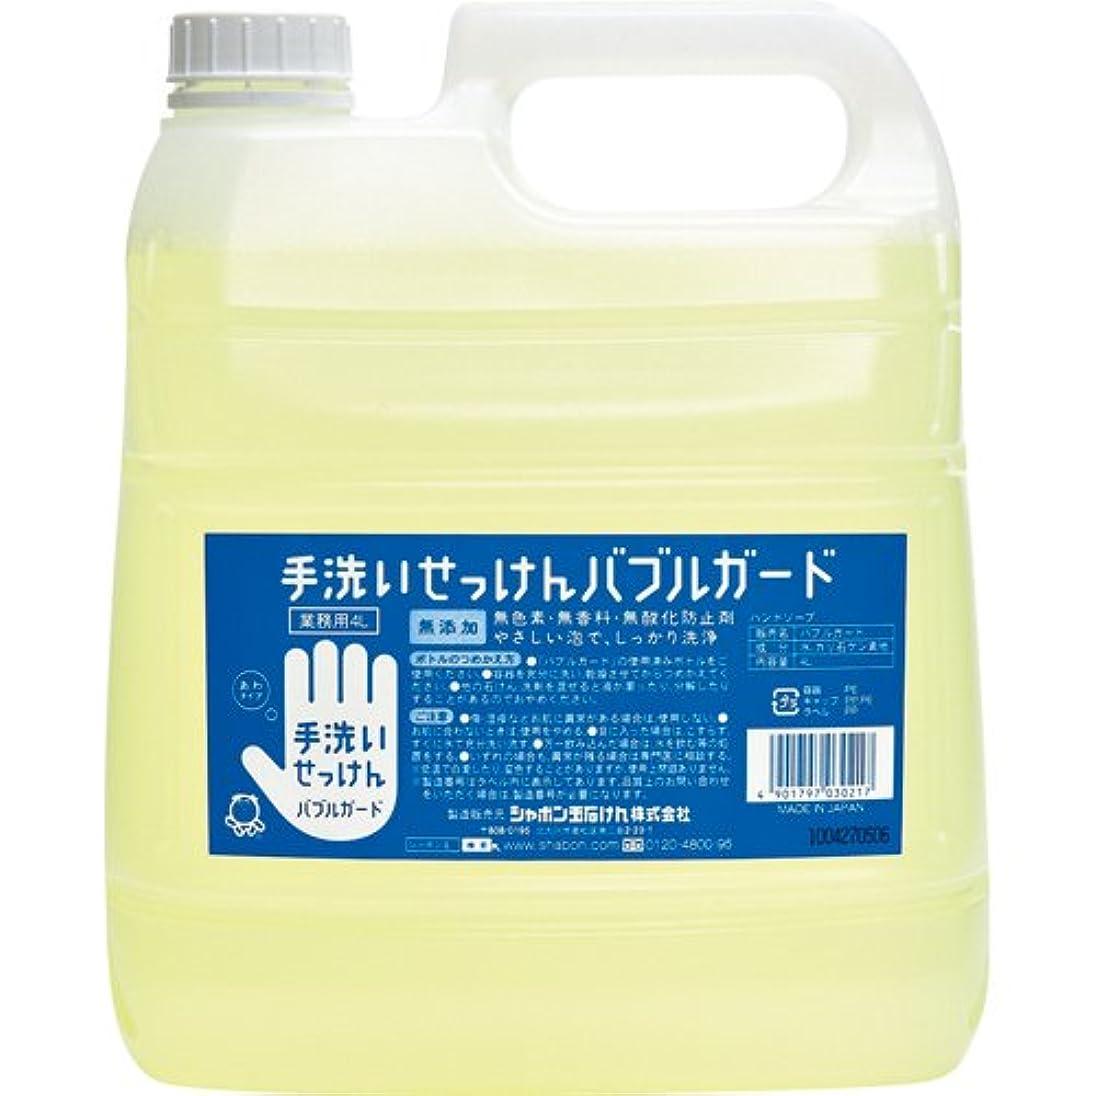 サーバントいくつかの痛い[シャボン玉石けん 1692542] (ケア商品)手洗いせっけん バブルガード 泡タイプ 業務用 4L